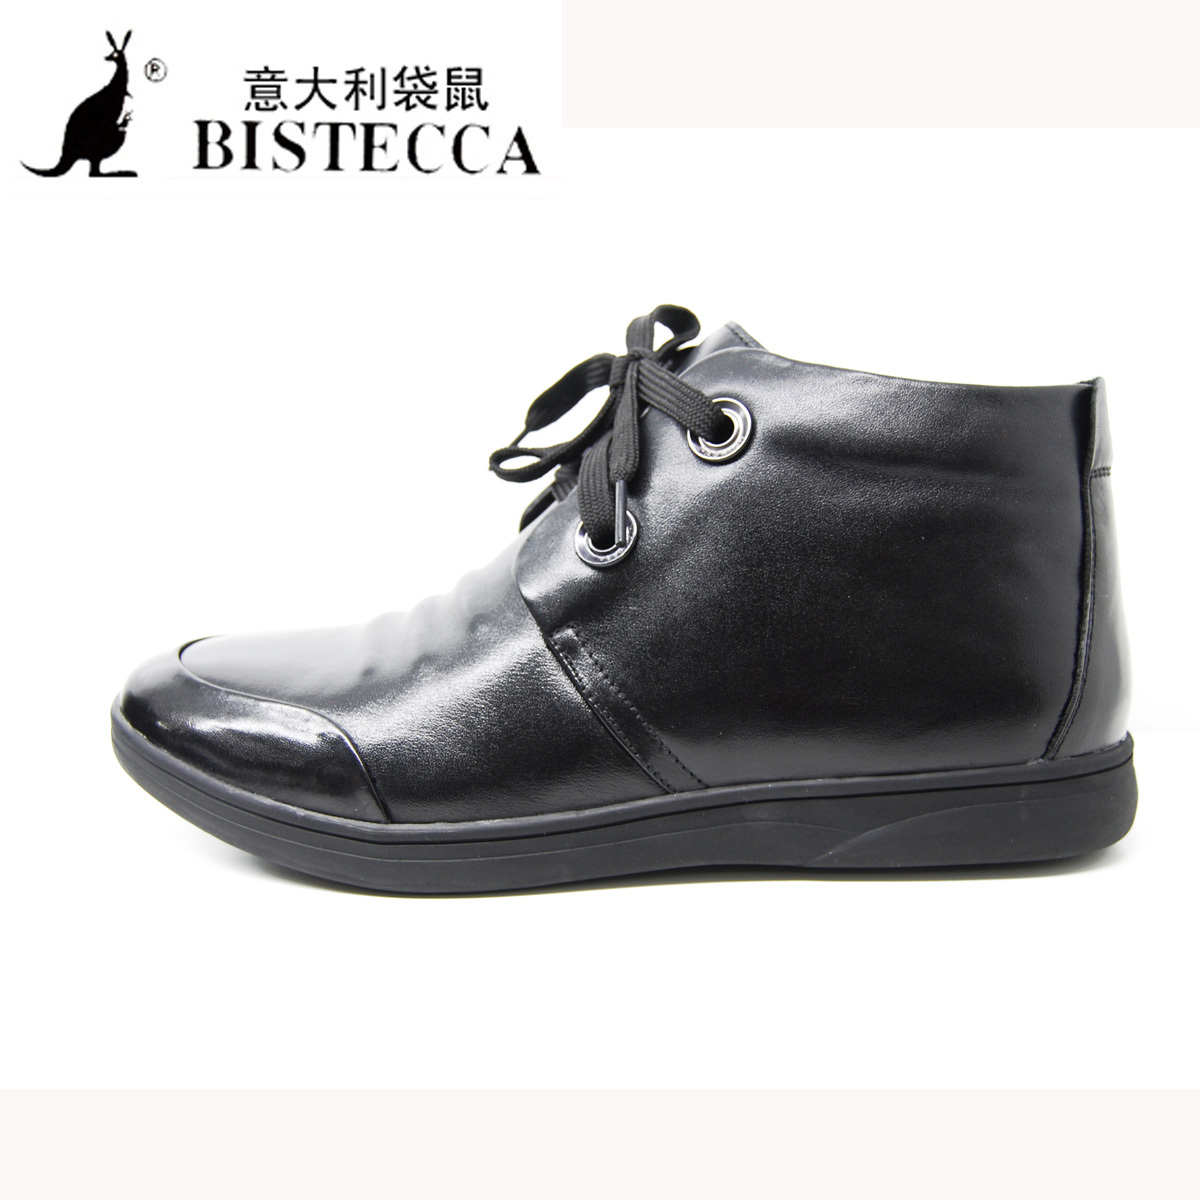 Ботинки мужские Italy Kangaroo 160873 /1 160873M-1 Круглый носок Верхний слой из натуральной кожи Мягкая кожа Зима